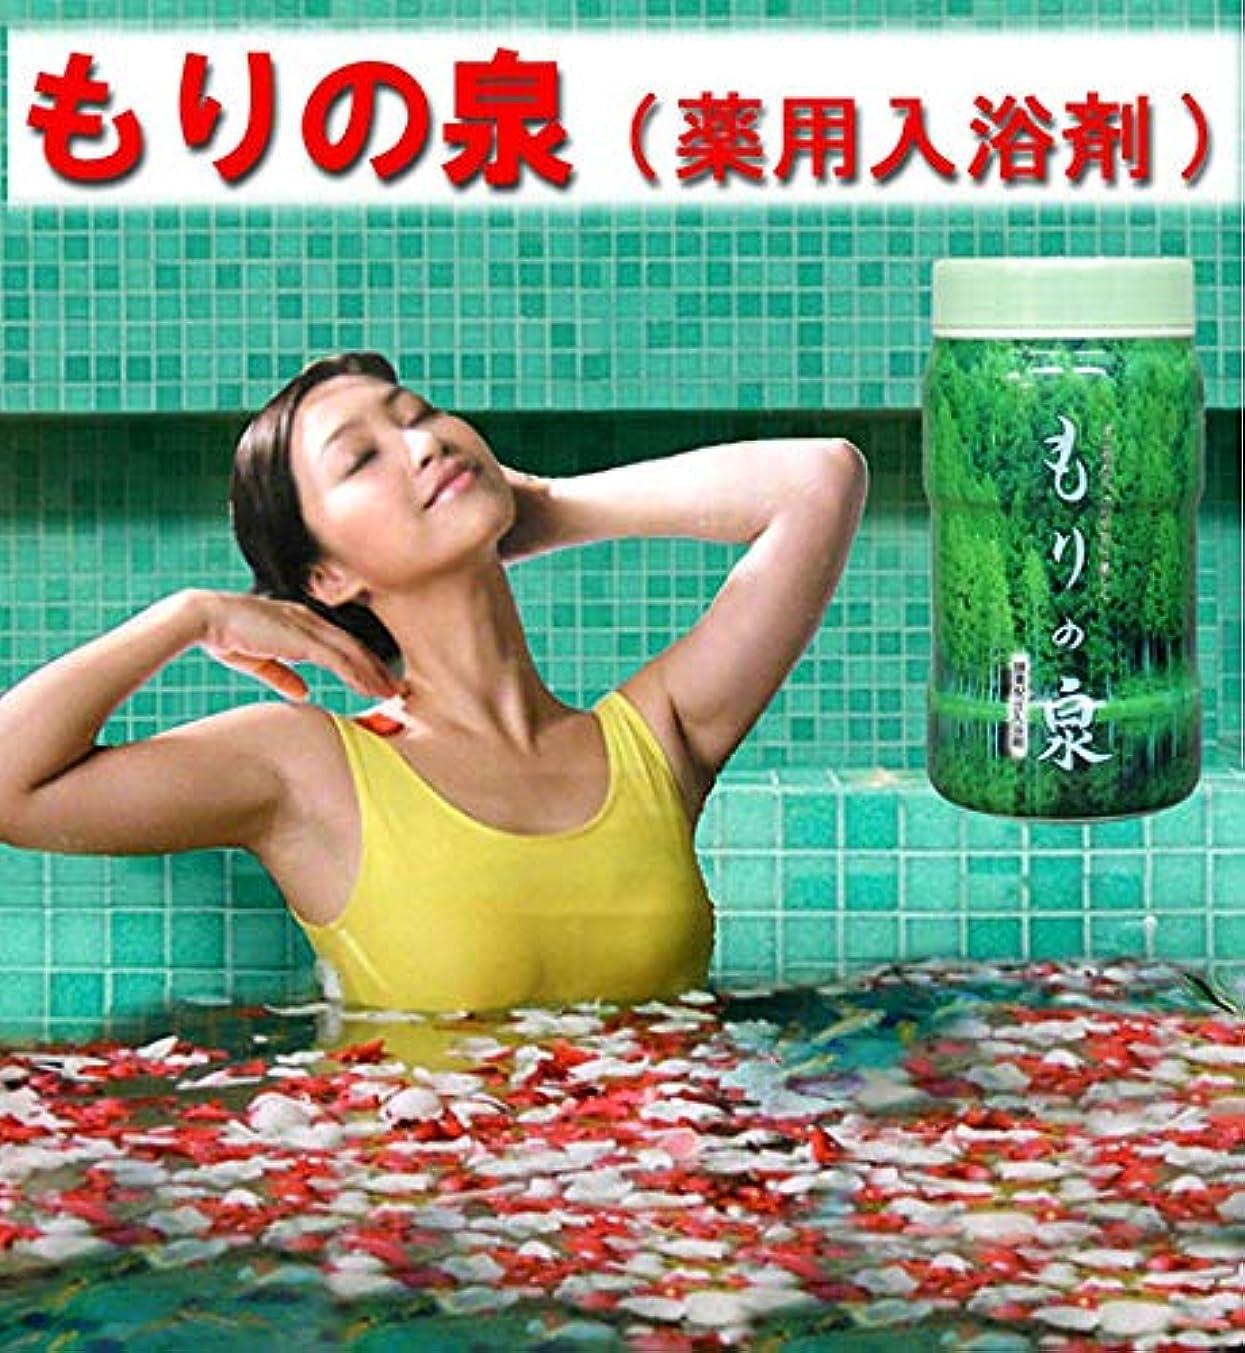 ルーフパターンシャーロックホームズ酵素入り入浴剤 もりの泉 1本